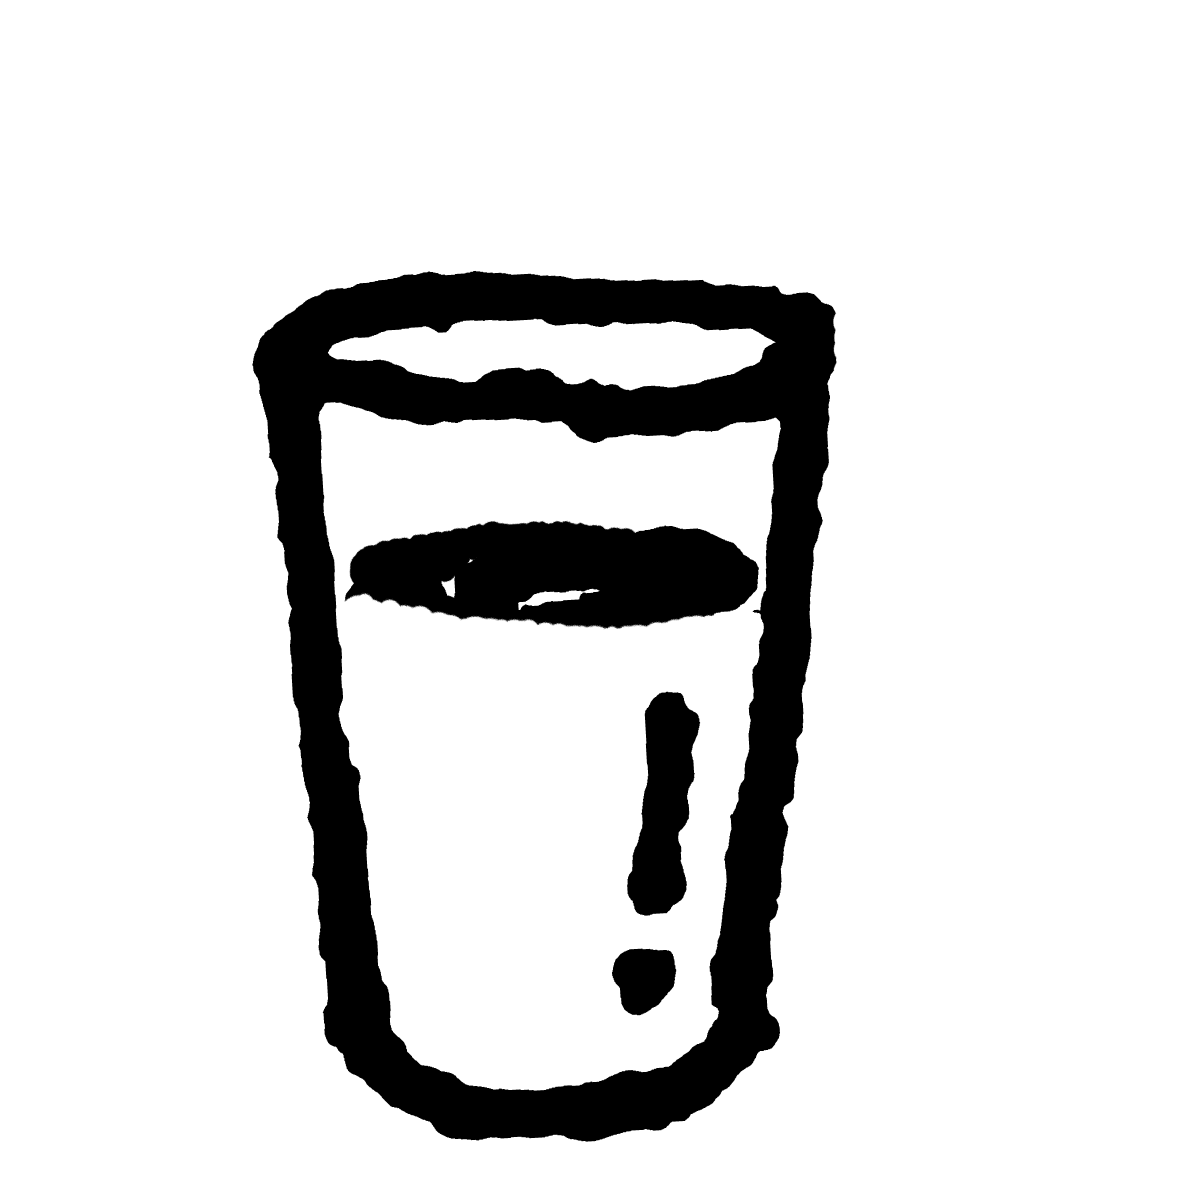 コップの水のイラスト Glass of water  Illustration